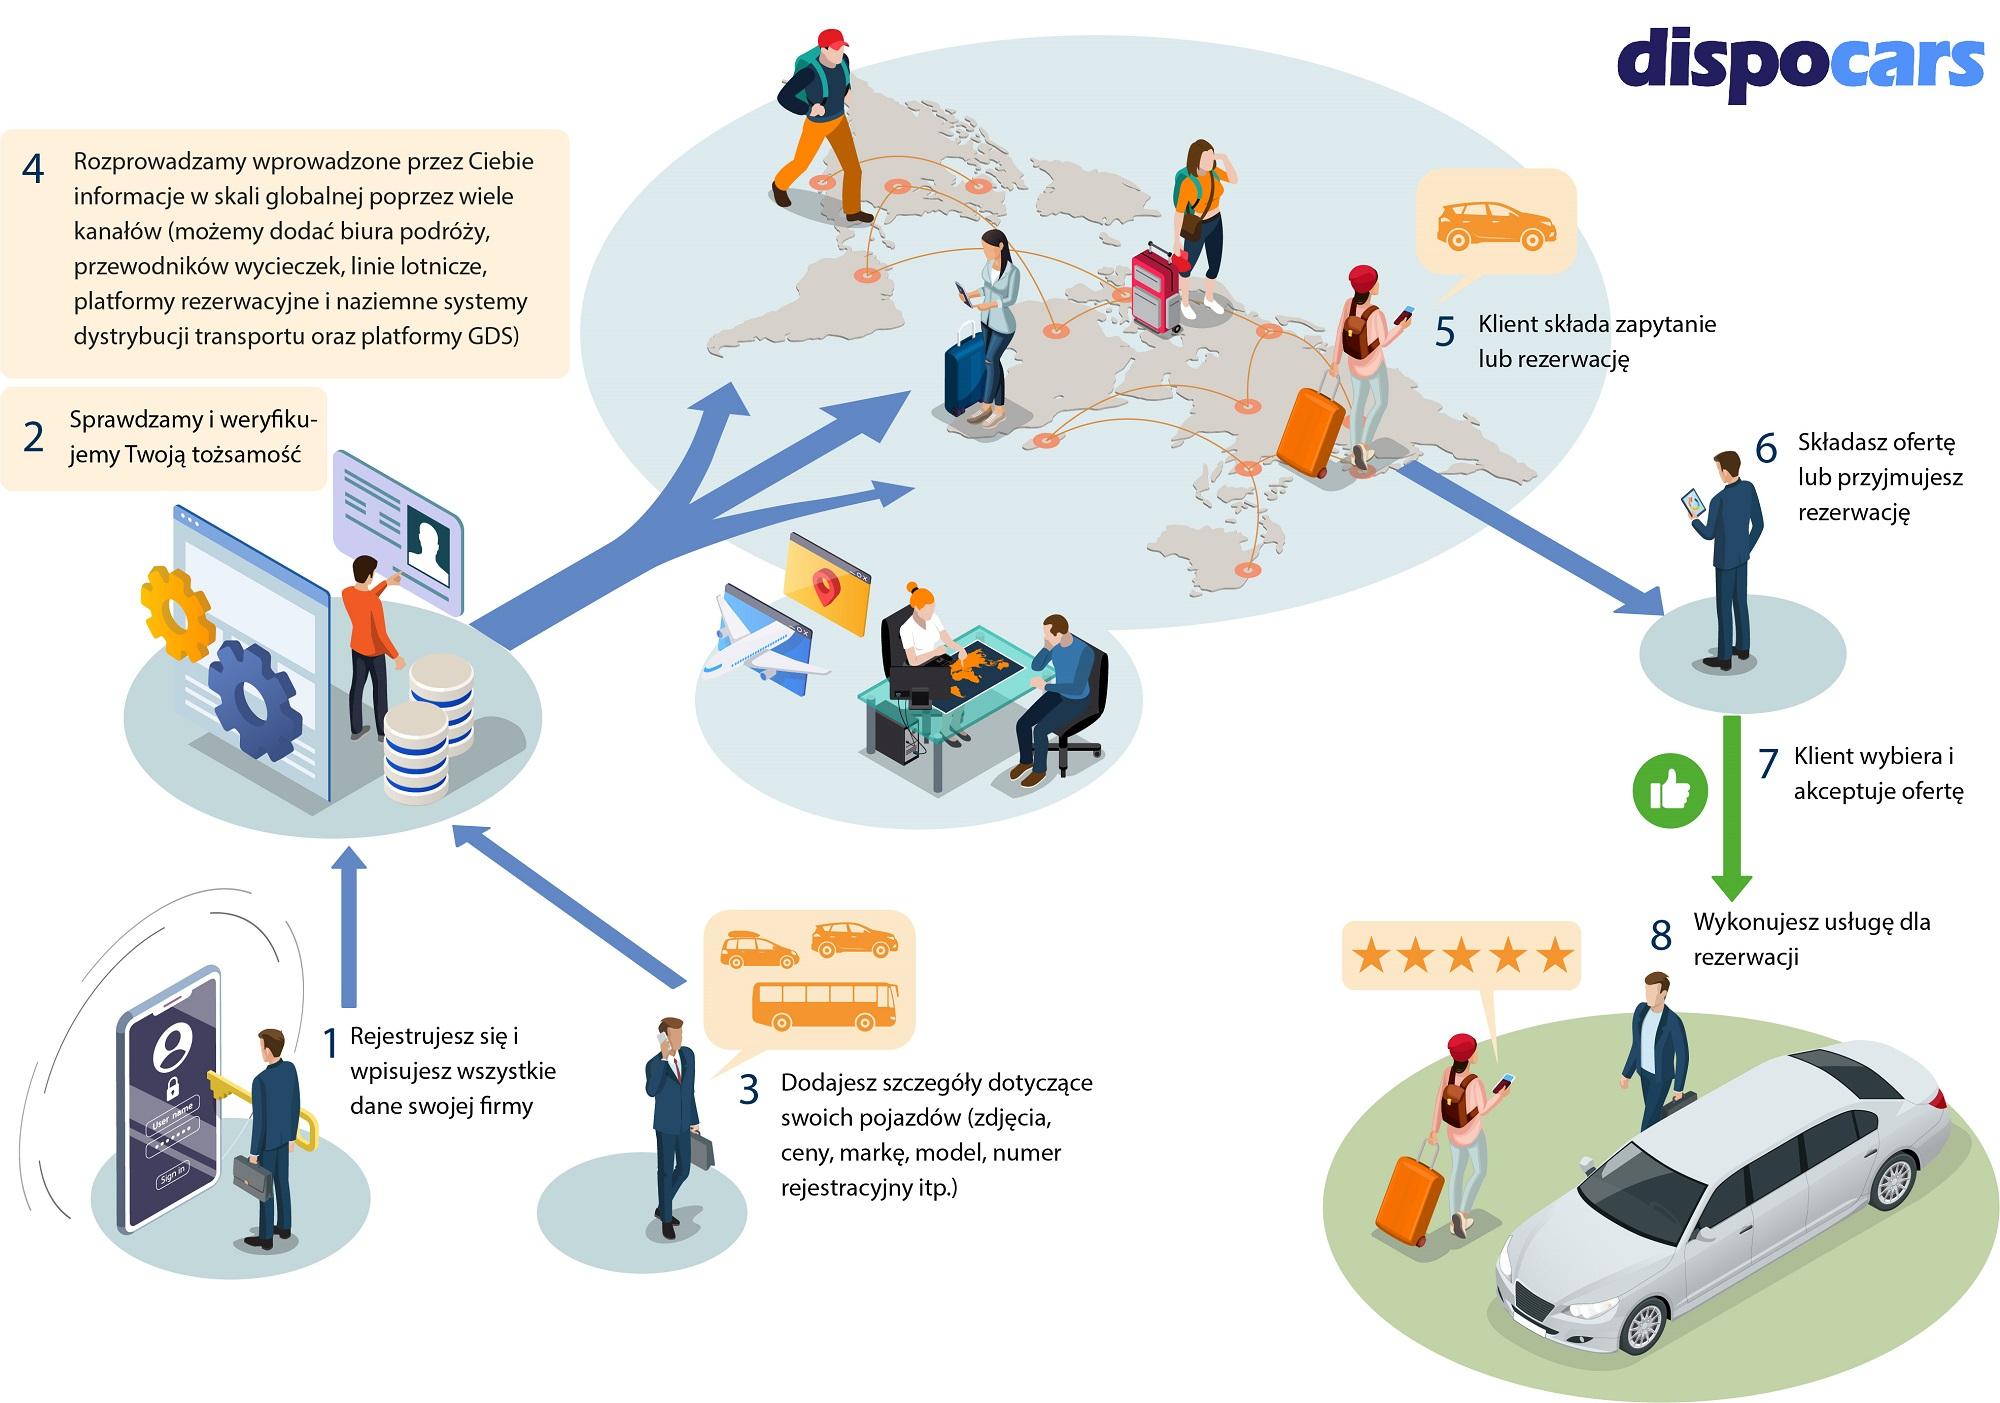 DispoCars - Stać się Partnerem